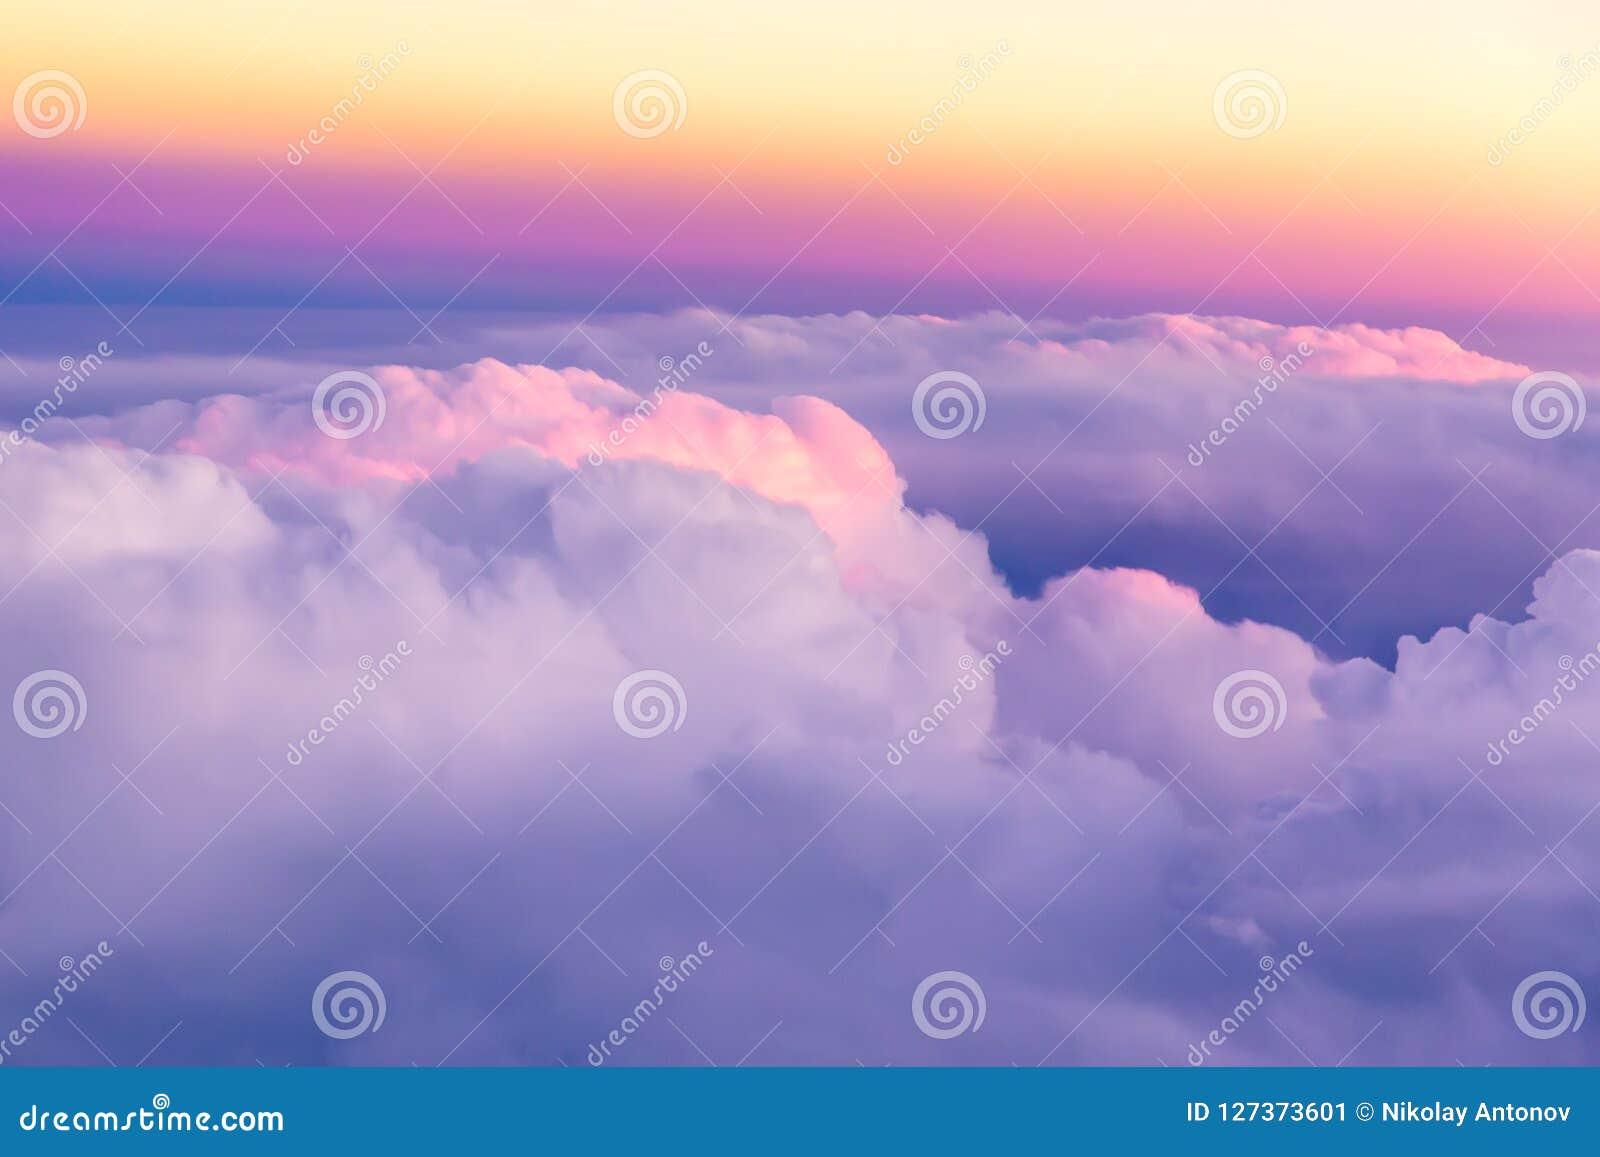 在云彩上的美丽的日落天空与好的剧烈的光 在飞机飞行地产海景视窗之上